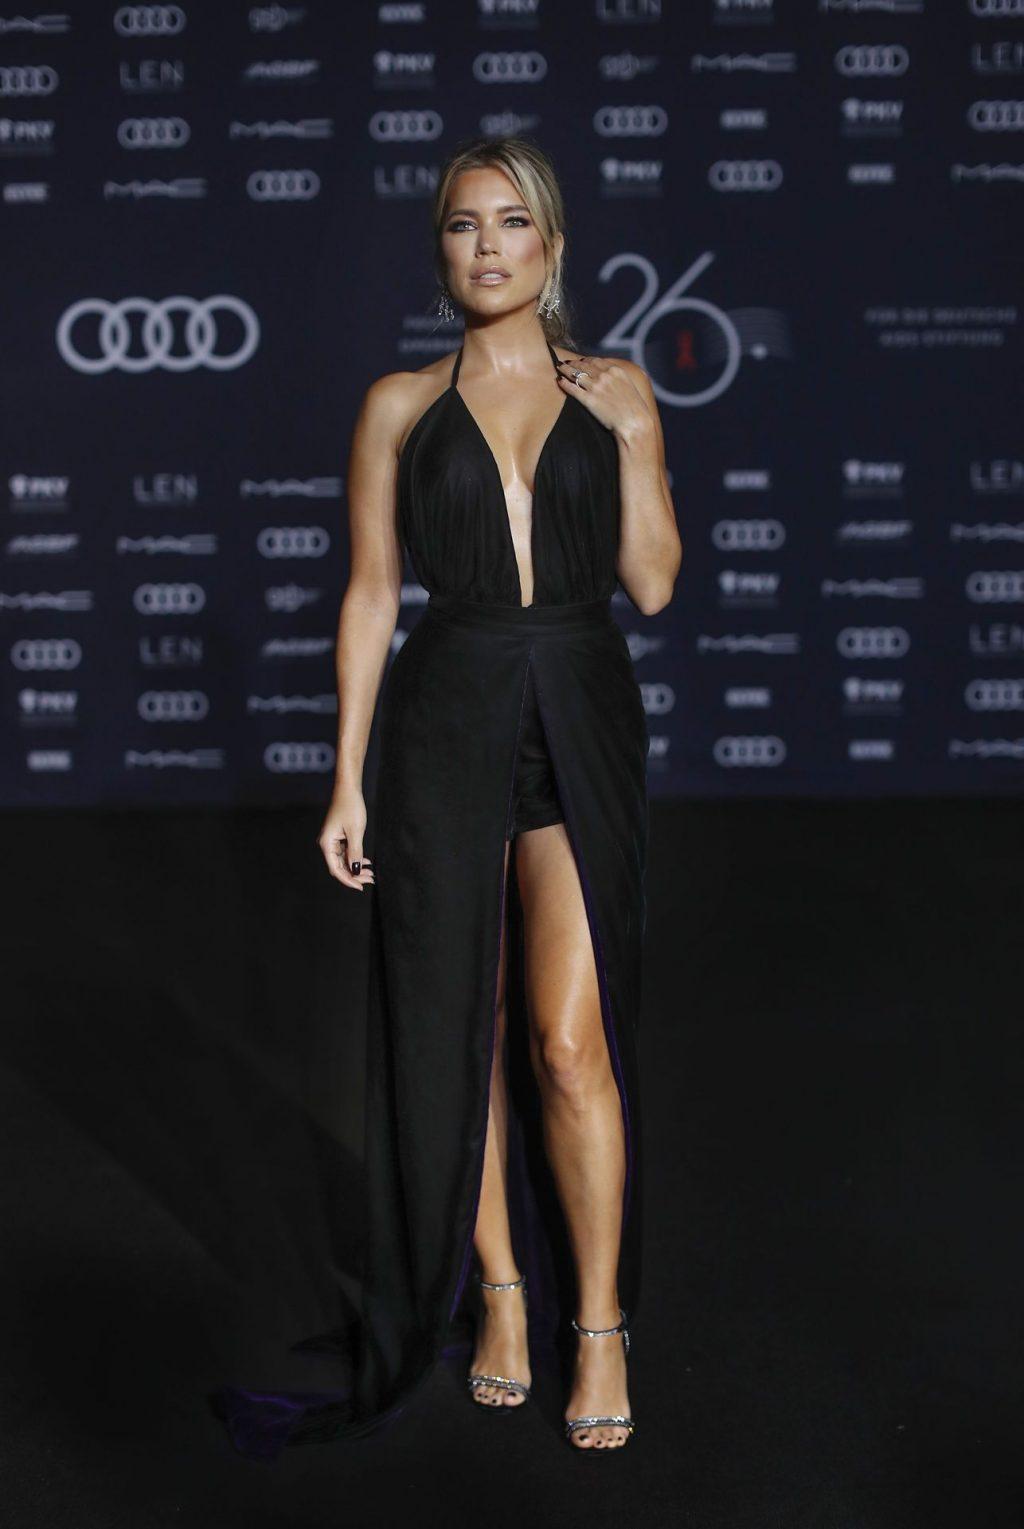 Sylvie Meis Sexy (48 New Photos)